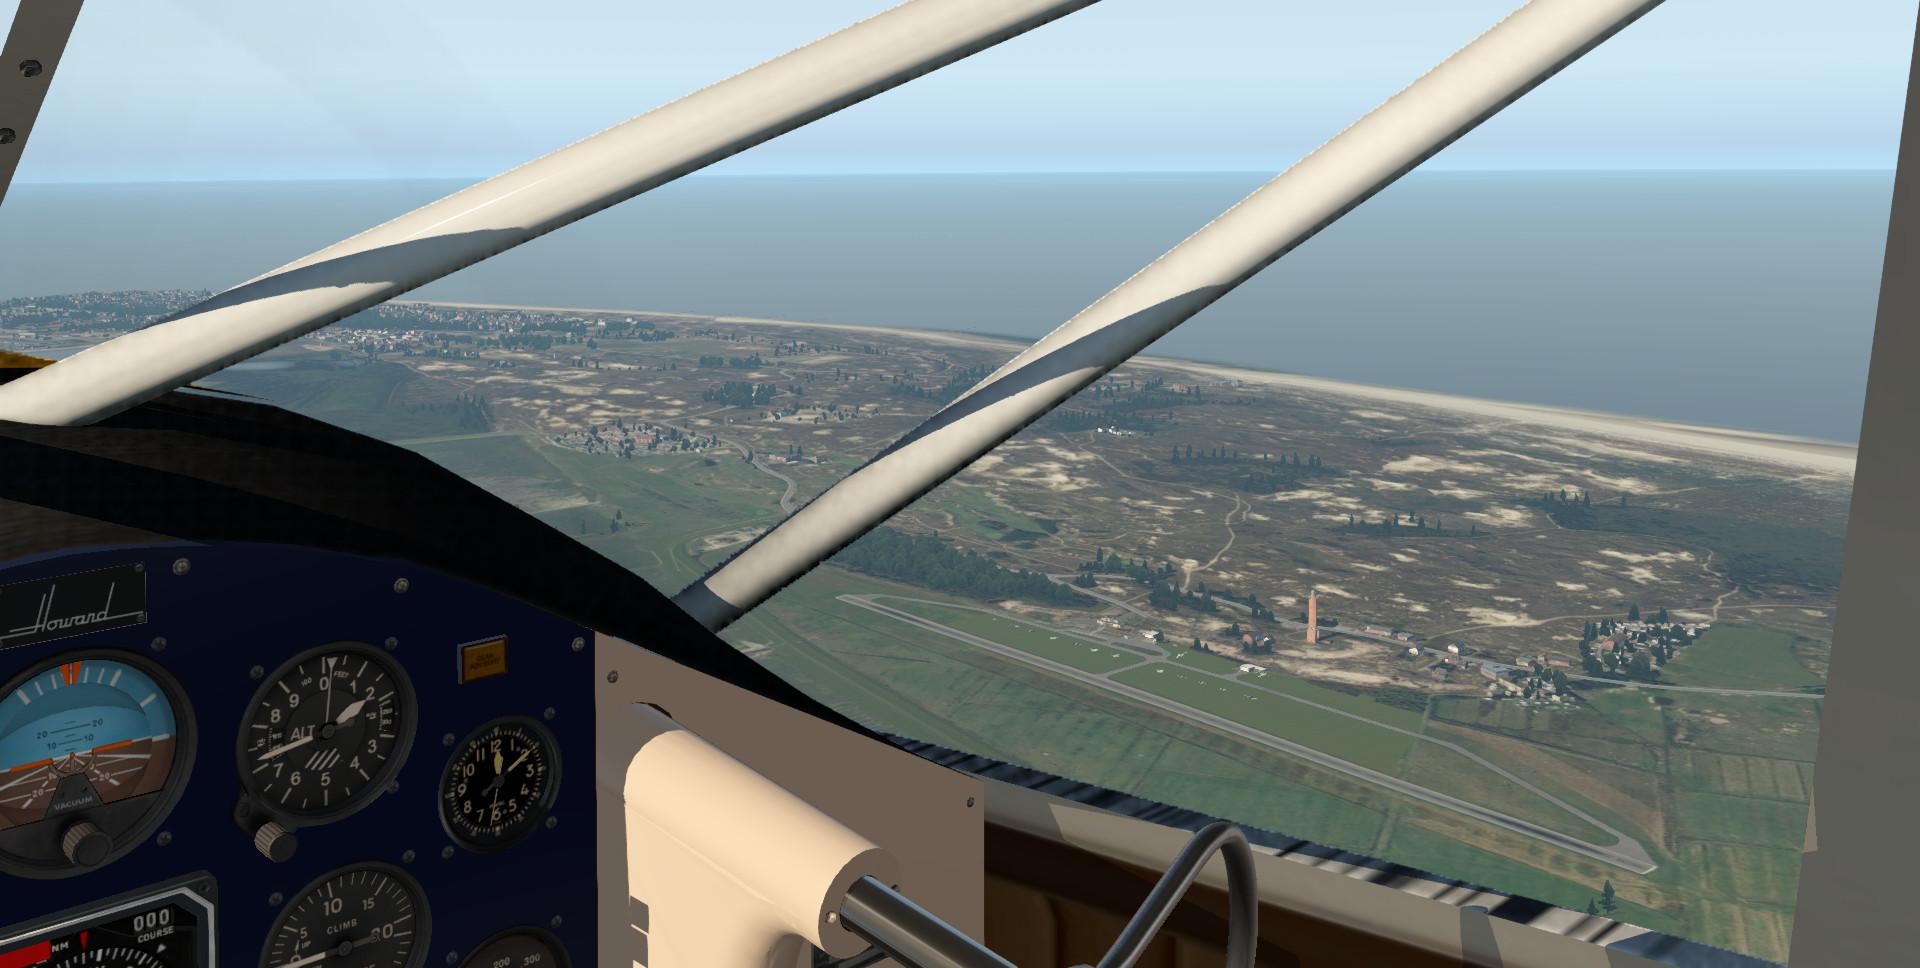 nordseerundflug-015l6kkt.jpg